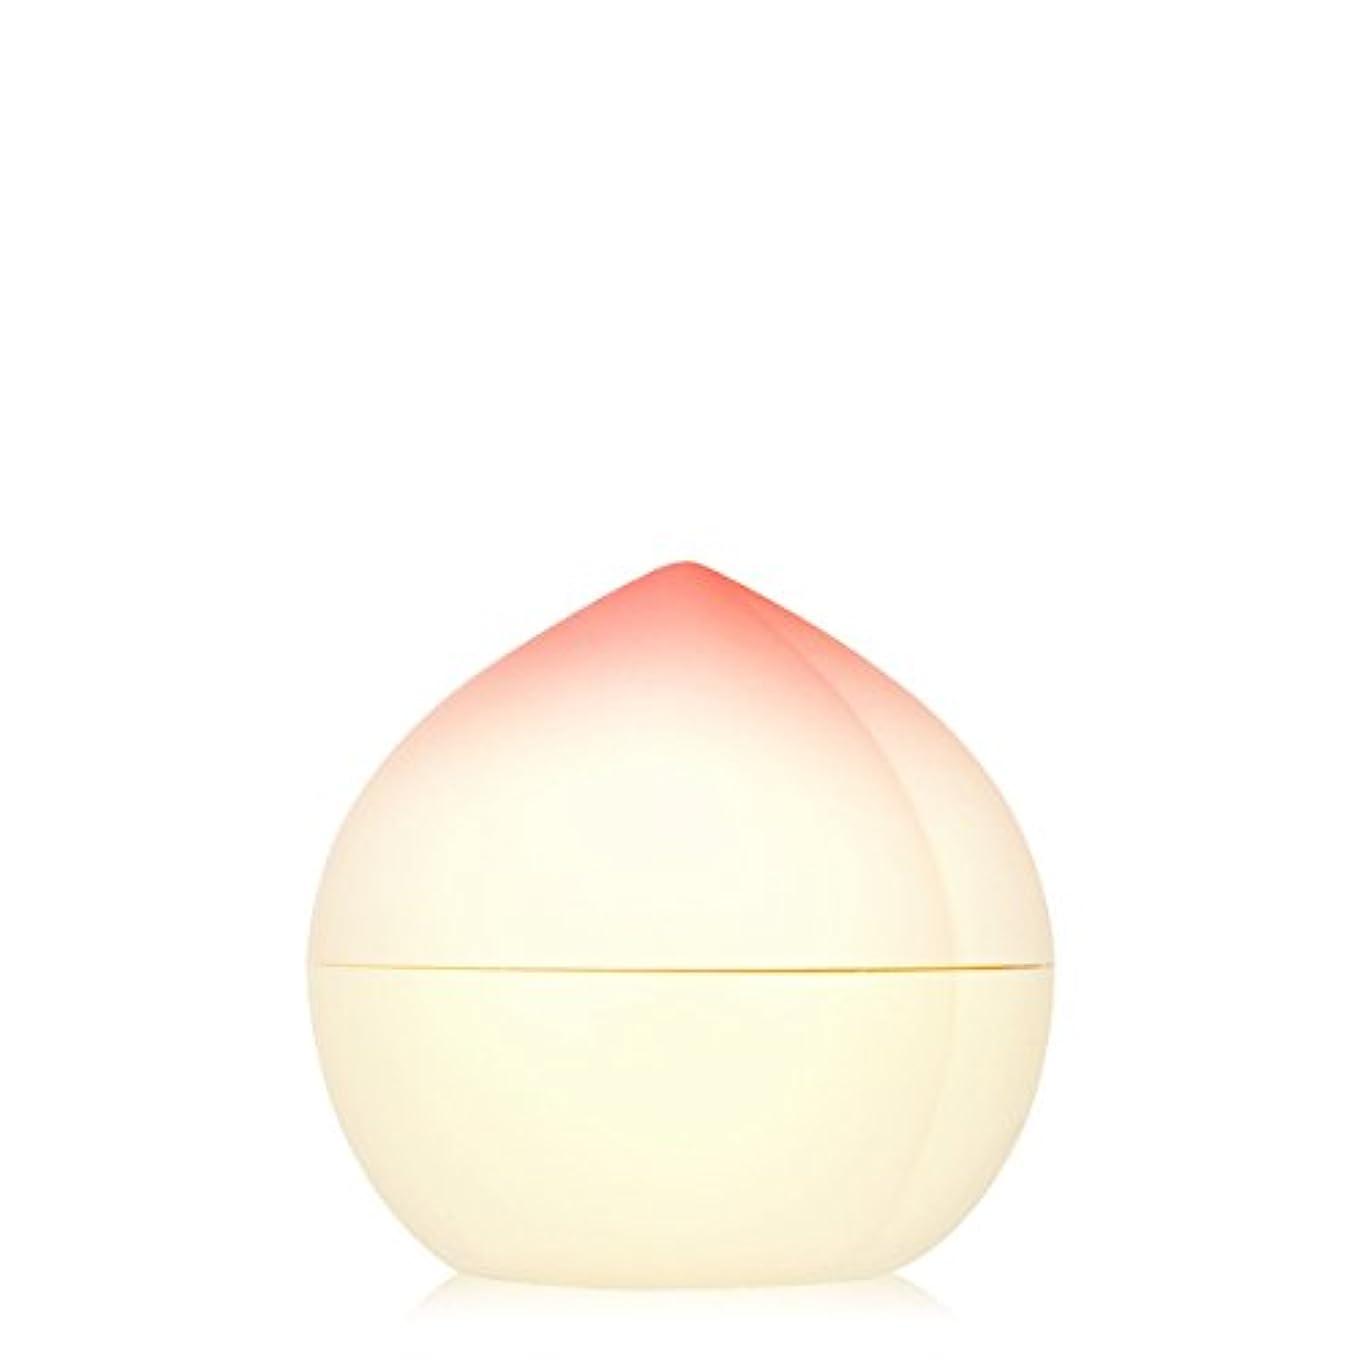 一握り聖歌制裁[1+1] TONY MOLY Peach Hand Cream 30g / トニーモリーピーチハンドクリーム 30g [並行輸入品]